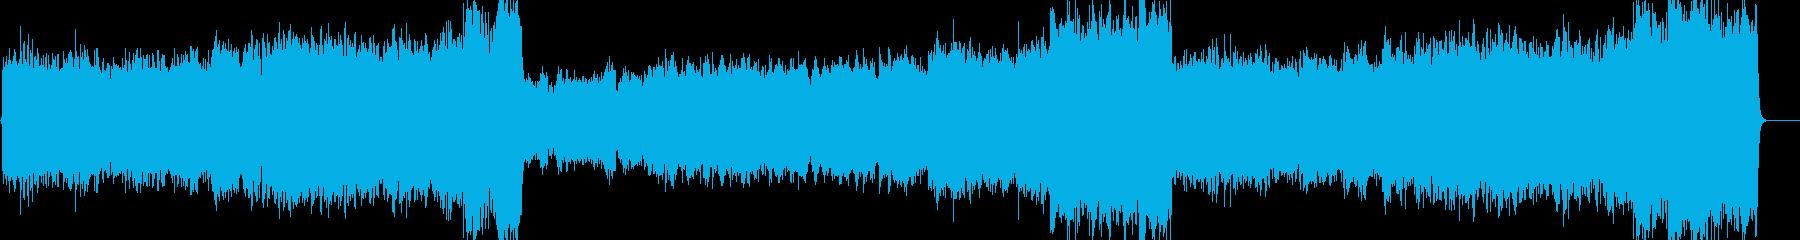 パイプオルガンを主とした感動的なBGMの再生済みの波形